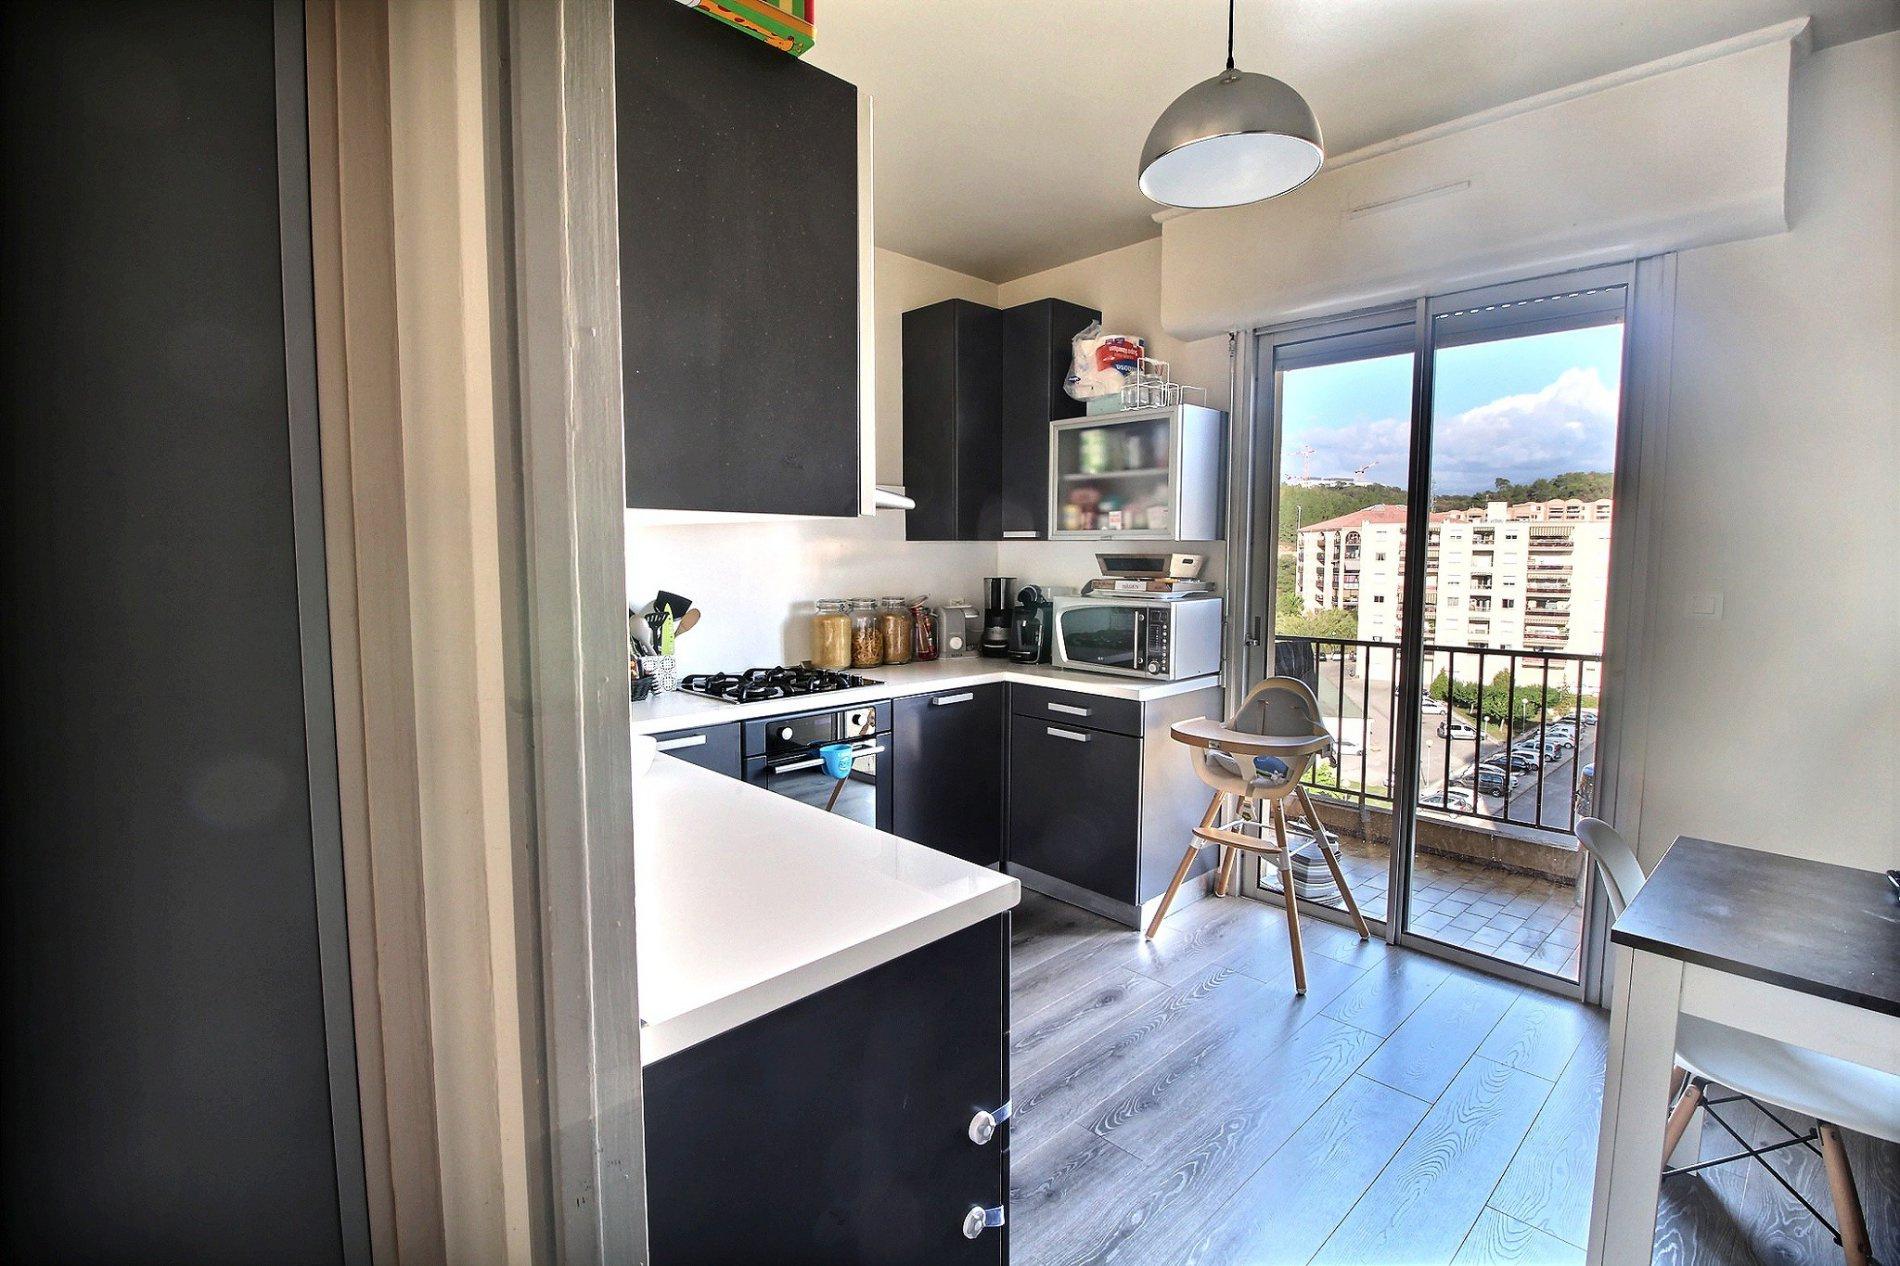 A vendre appartement T3 Ajaccio neuf Pietralba immobilier